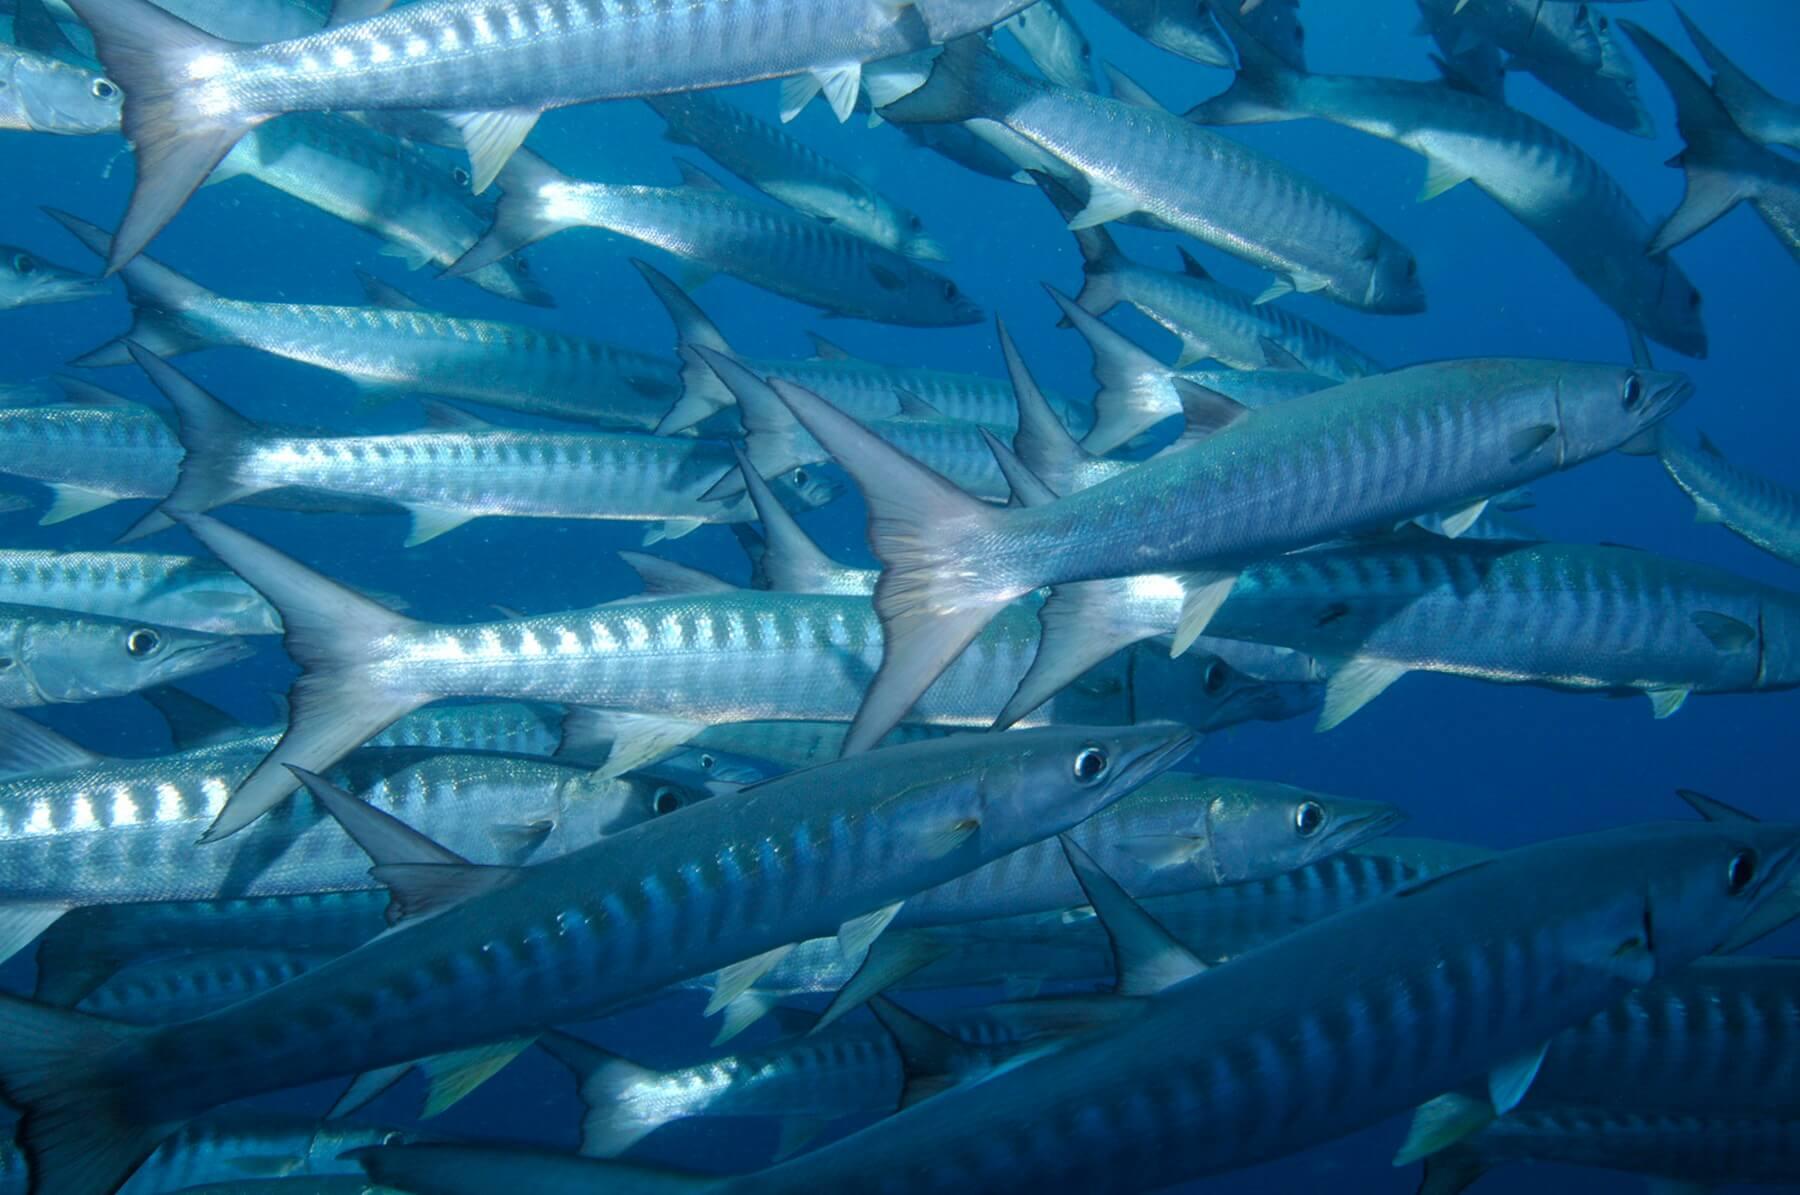 Junge Barrakudas leben oft in riesigen Schwärmen im offenen Gewässer, während ausgewachsene Tiere meist Einzelgänger sind.